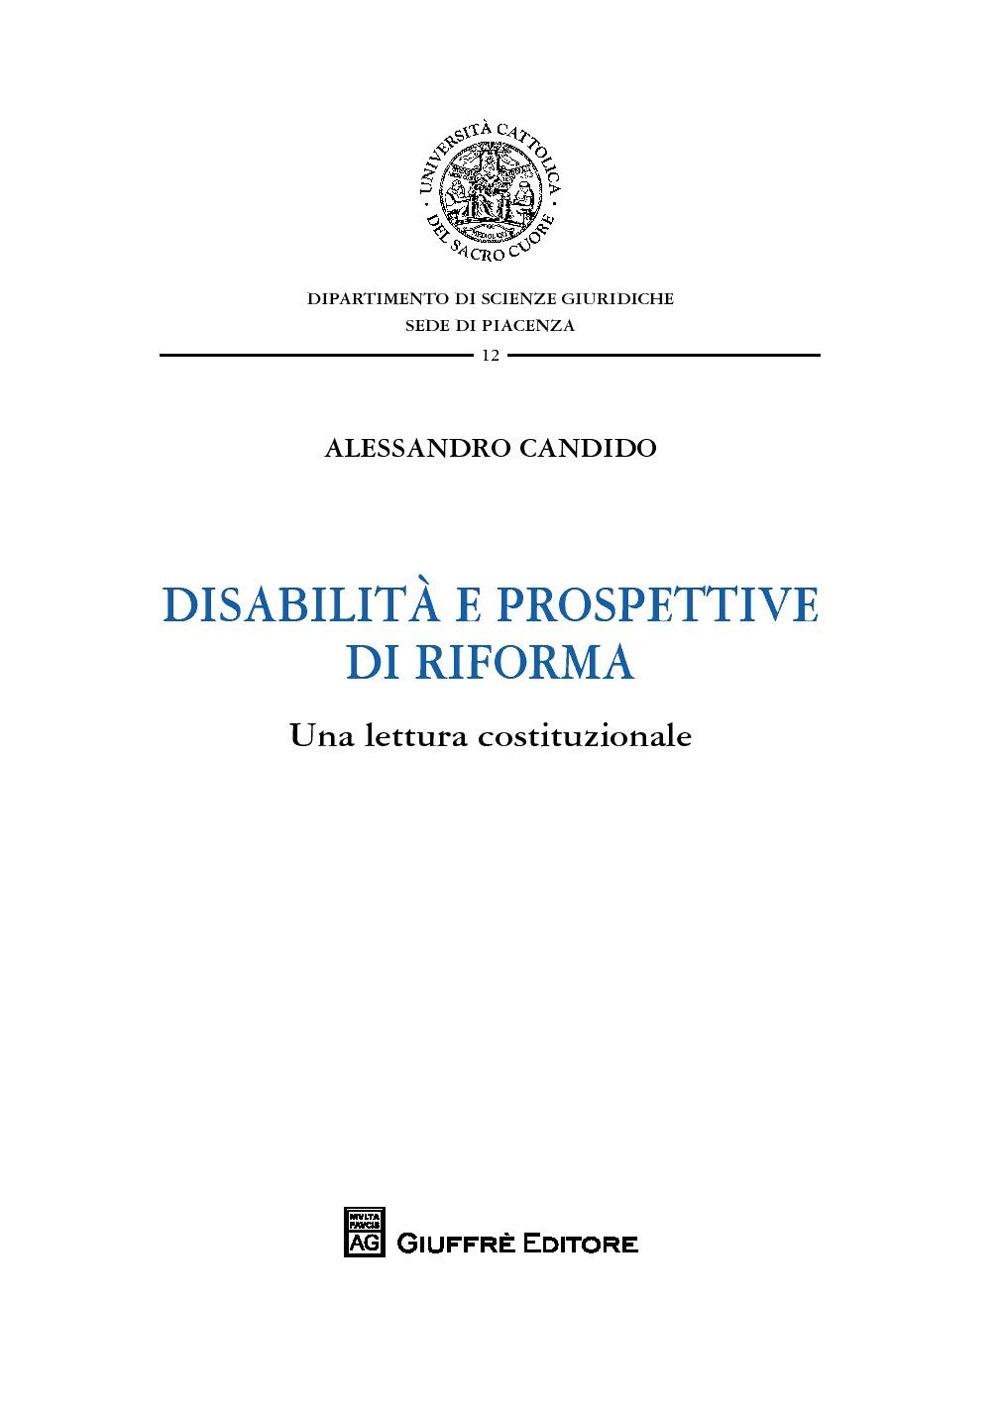 Disabilità e prospettive di riforma. Una lettura costituzionale